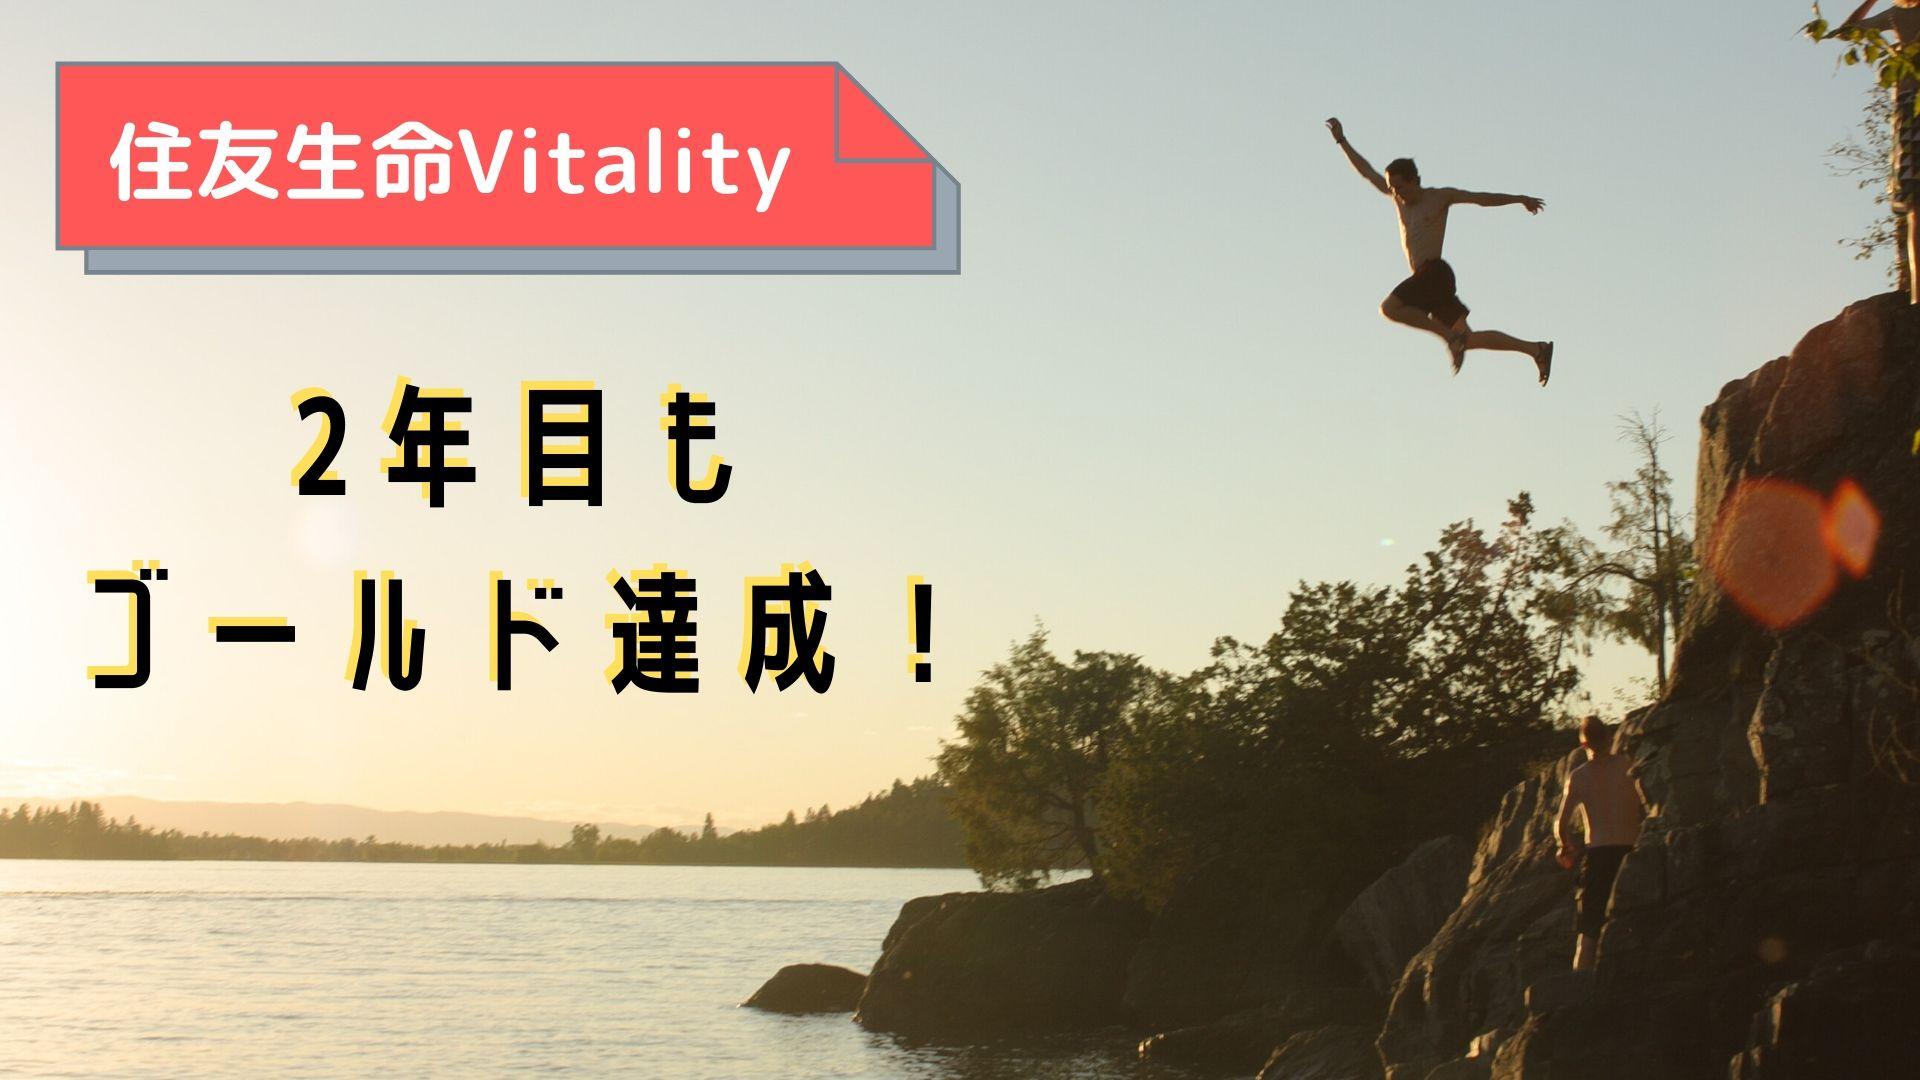 住友生命Vitality 2年目もゴールドを達成